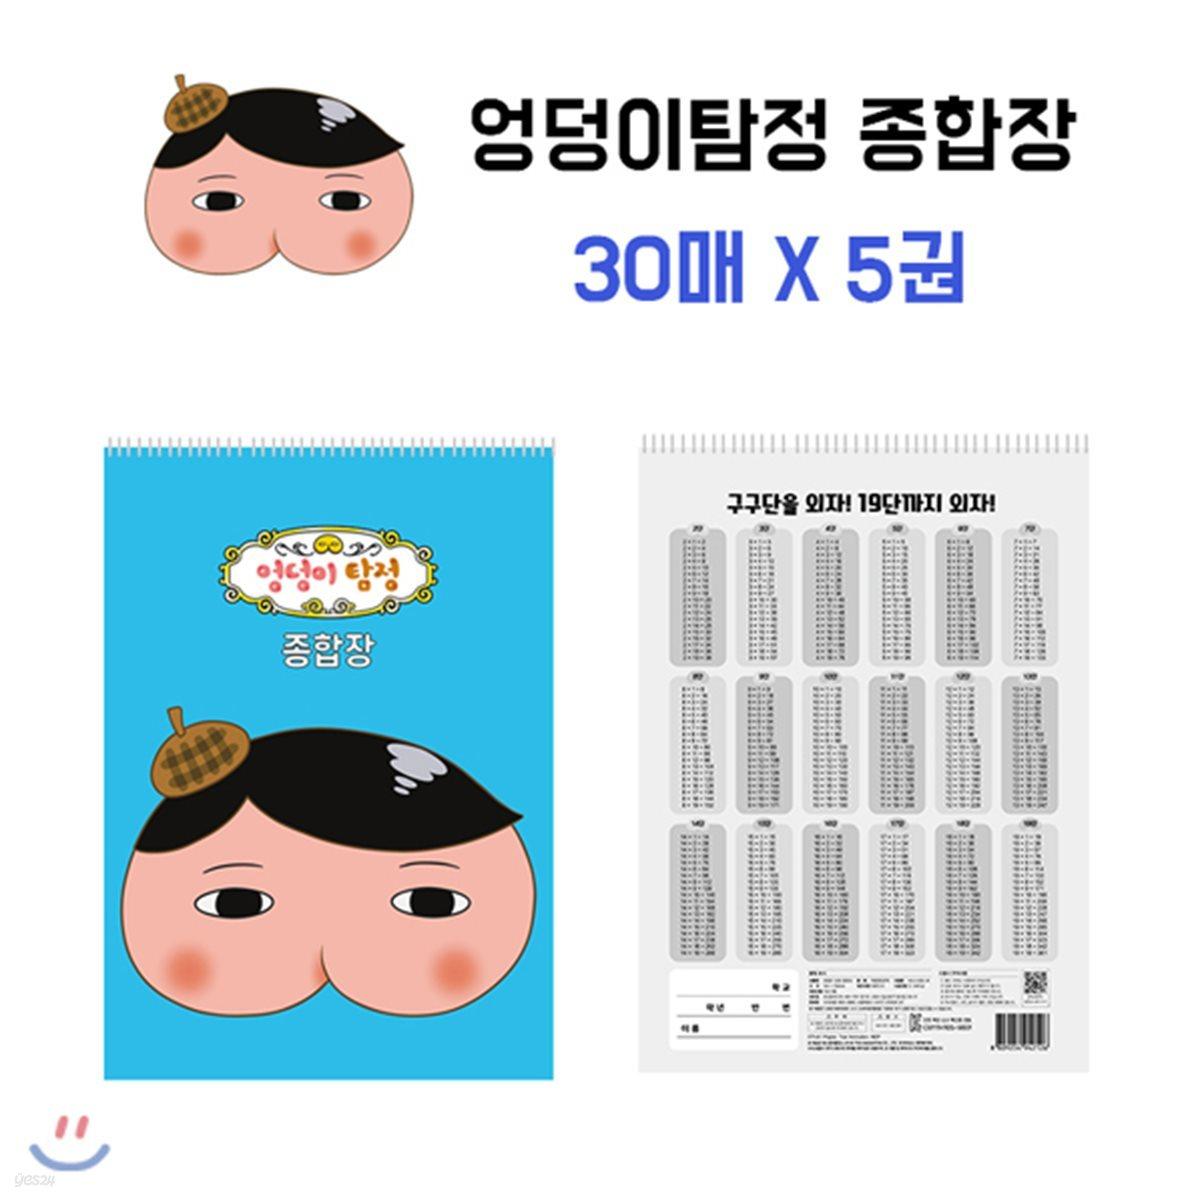 엉덩이 탐정 종합장 세트